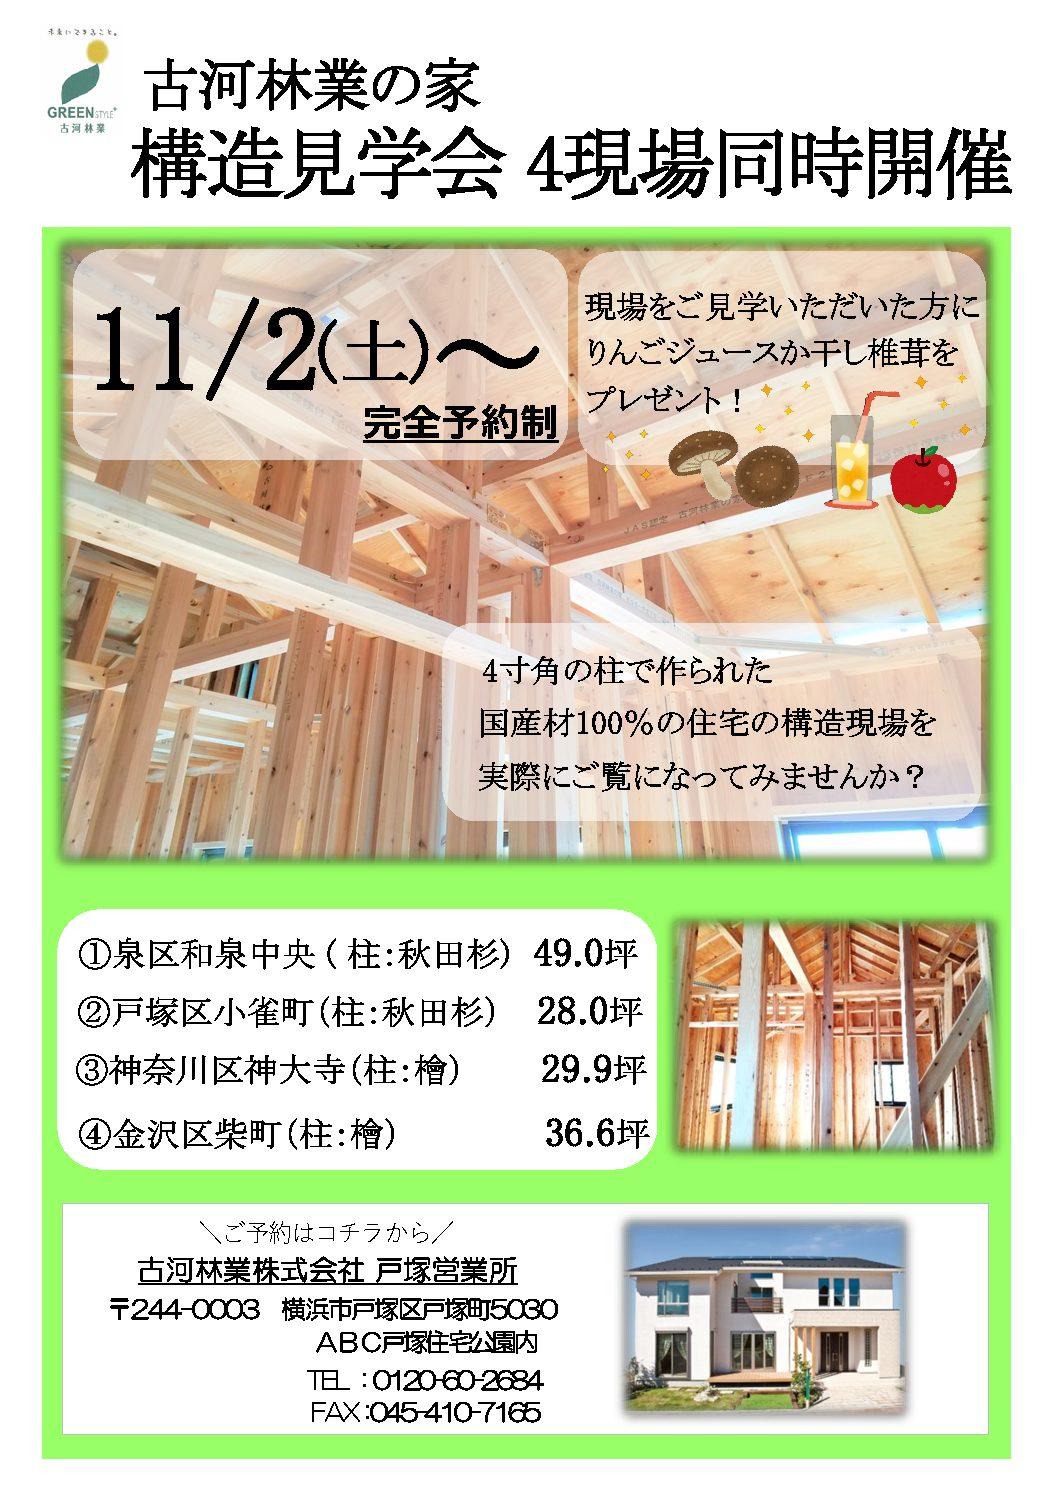 構造現場見学会 開催中【11/2㈯~戸塚】